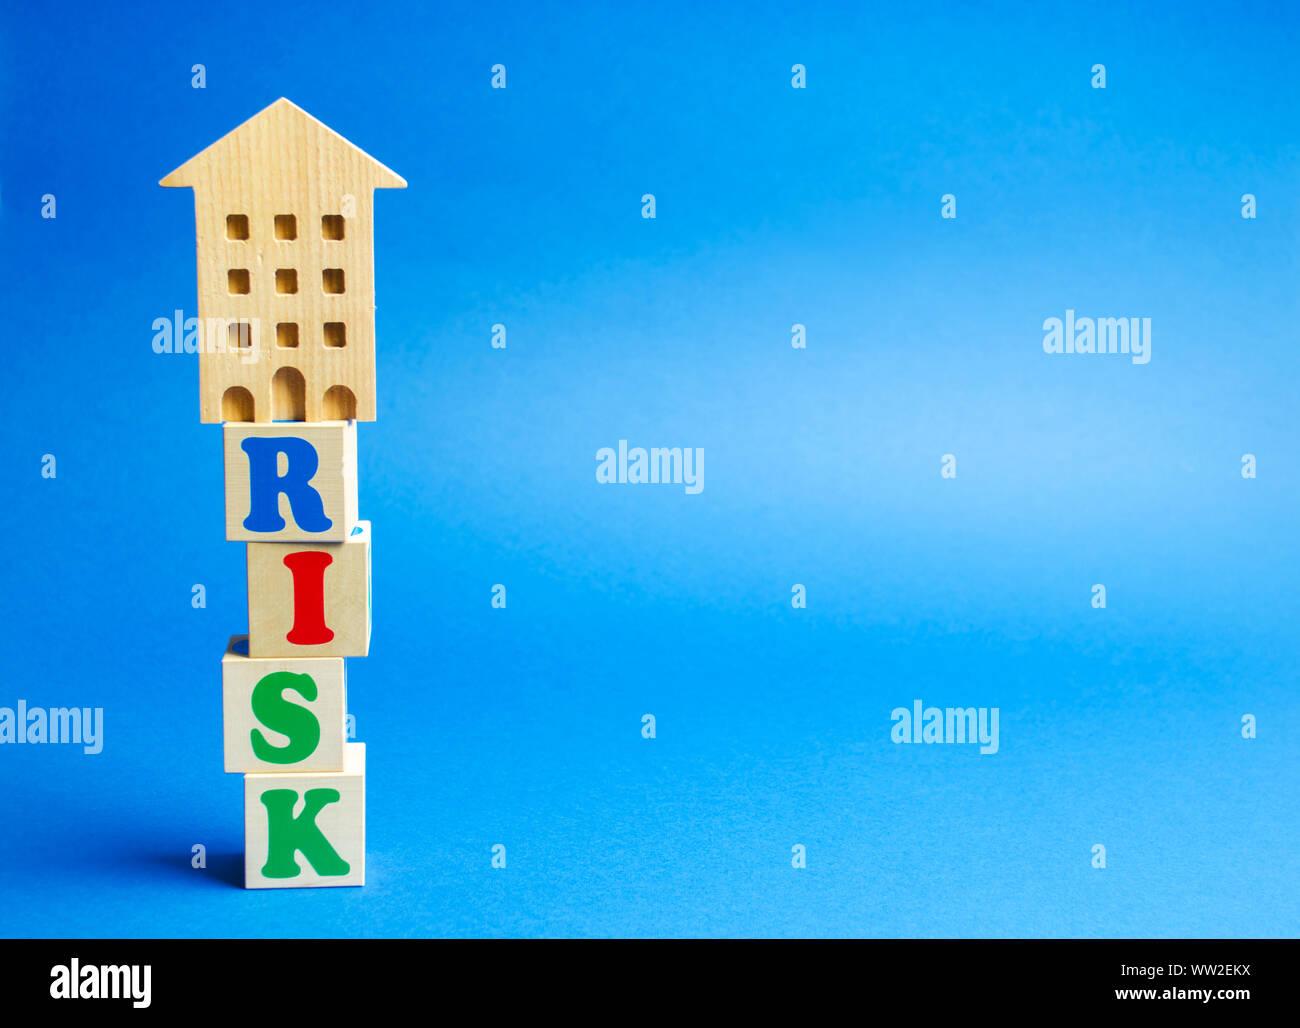 Bloques de madera con la palabra riesgo y una casa en miniatura. Riesgo de inversión inmobiliaria. Las inversiones arriesgadas. Pérdida de la propiedad por falta de pago. Las deudas. Mortg Foto de stock